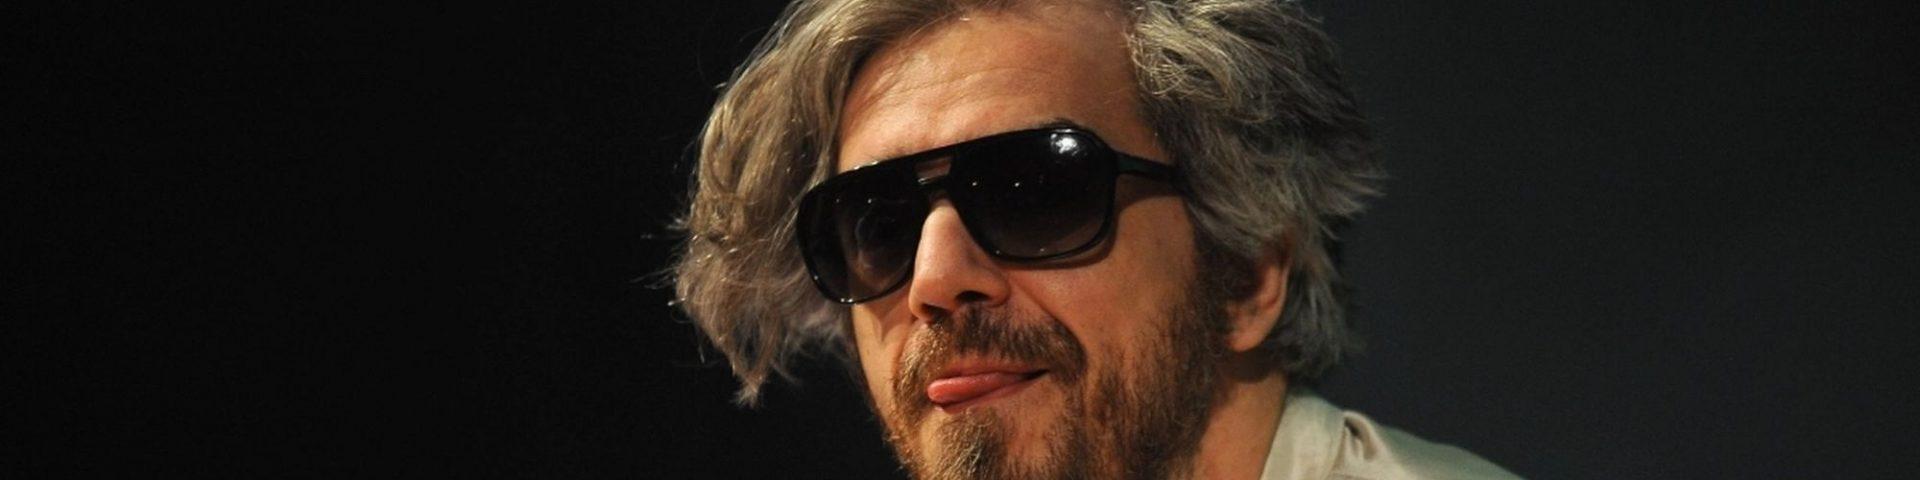 Sanremo Giovani, Morgan escluso dalla giuria pubblica gli screenshot della chat con Amadeus